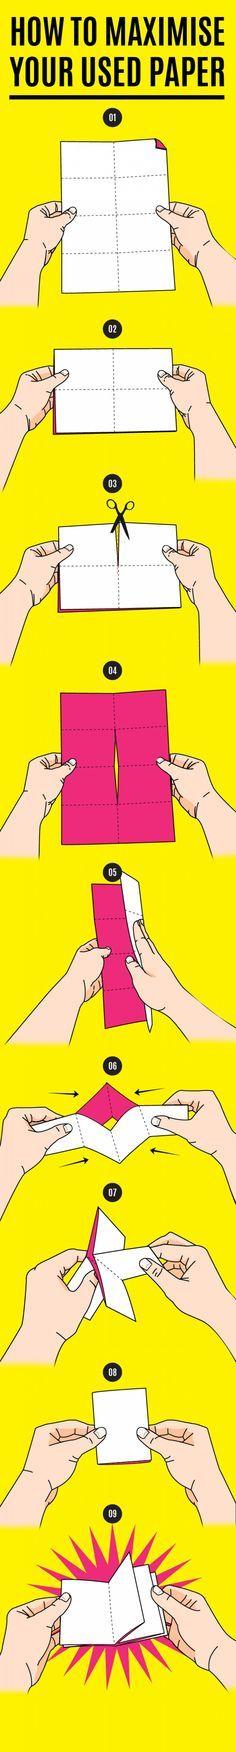 1枚の紙で8ページのメモ帳を作る方法